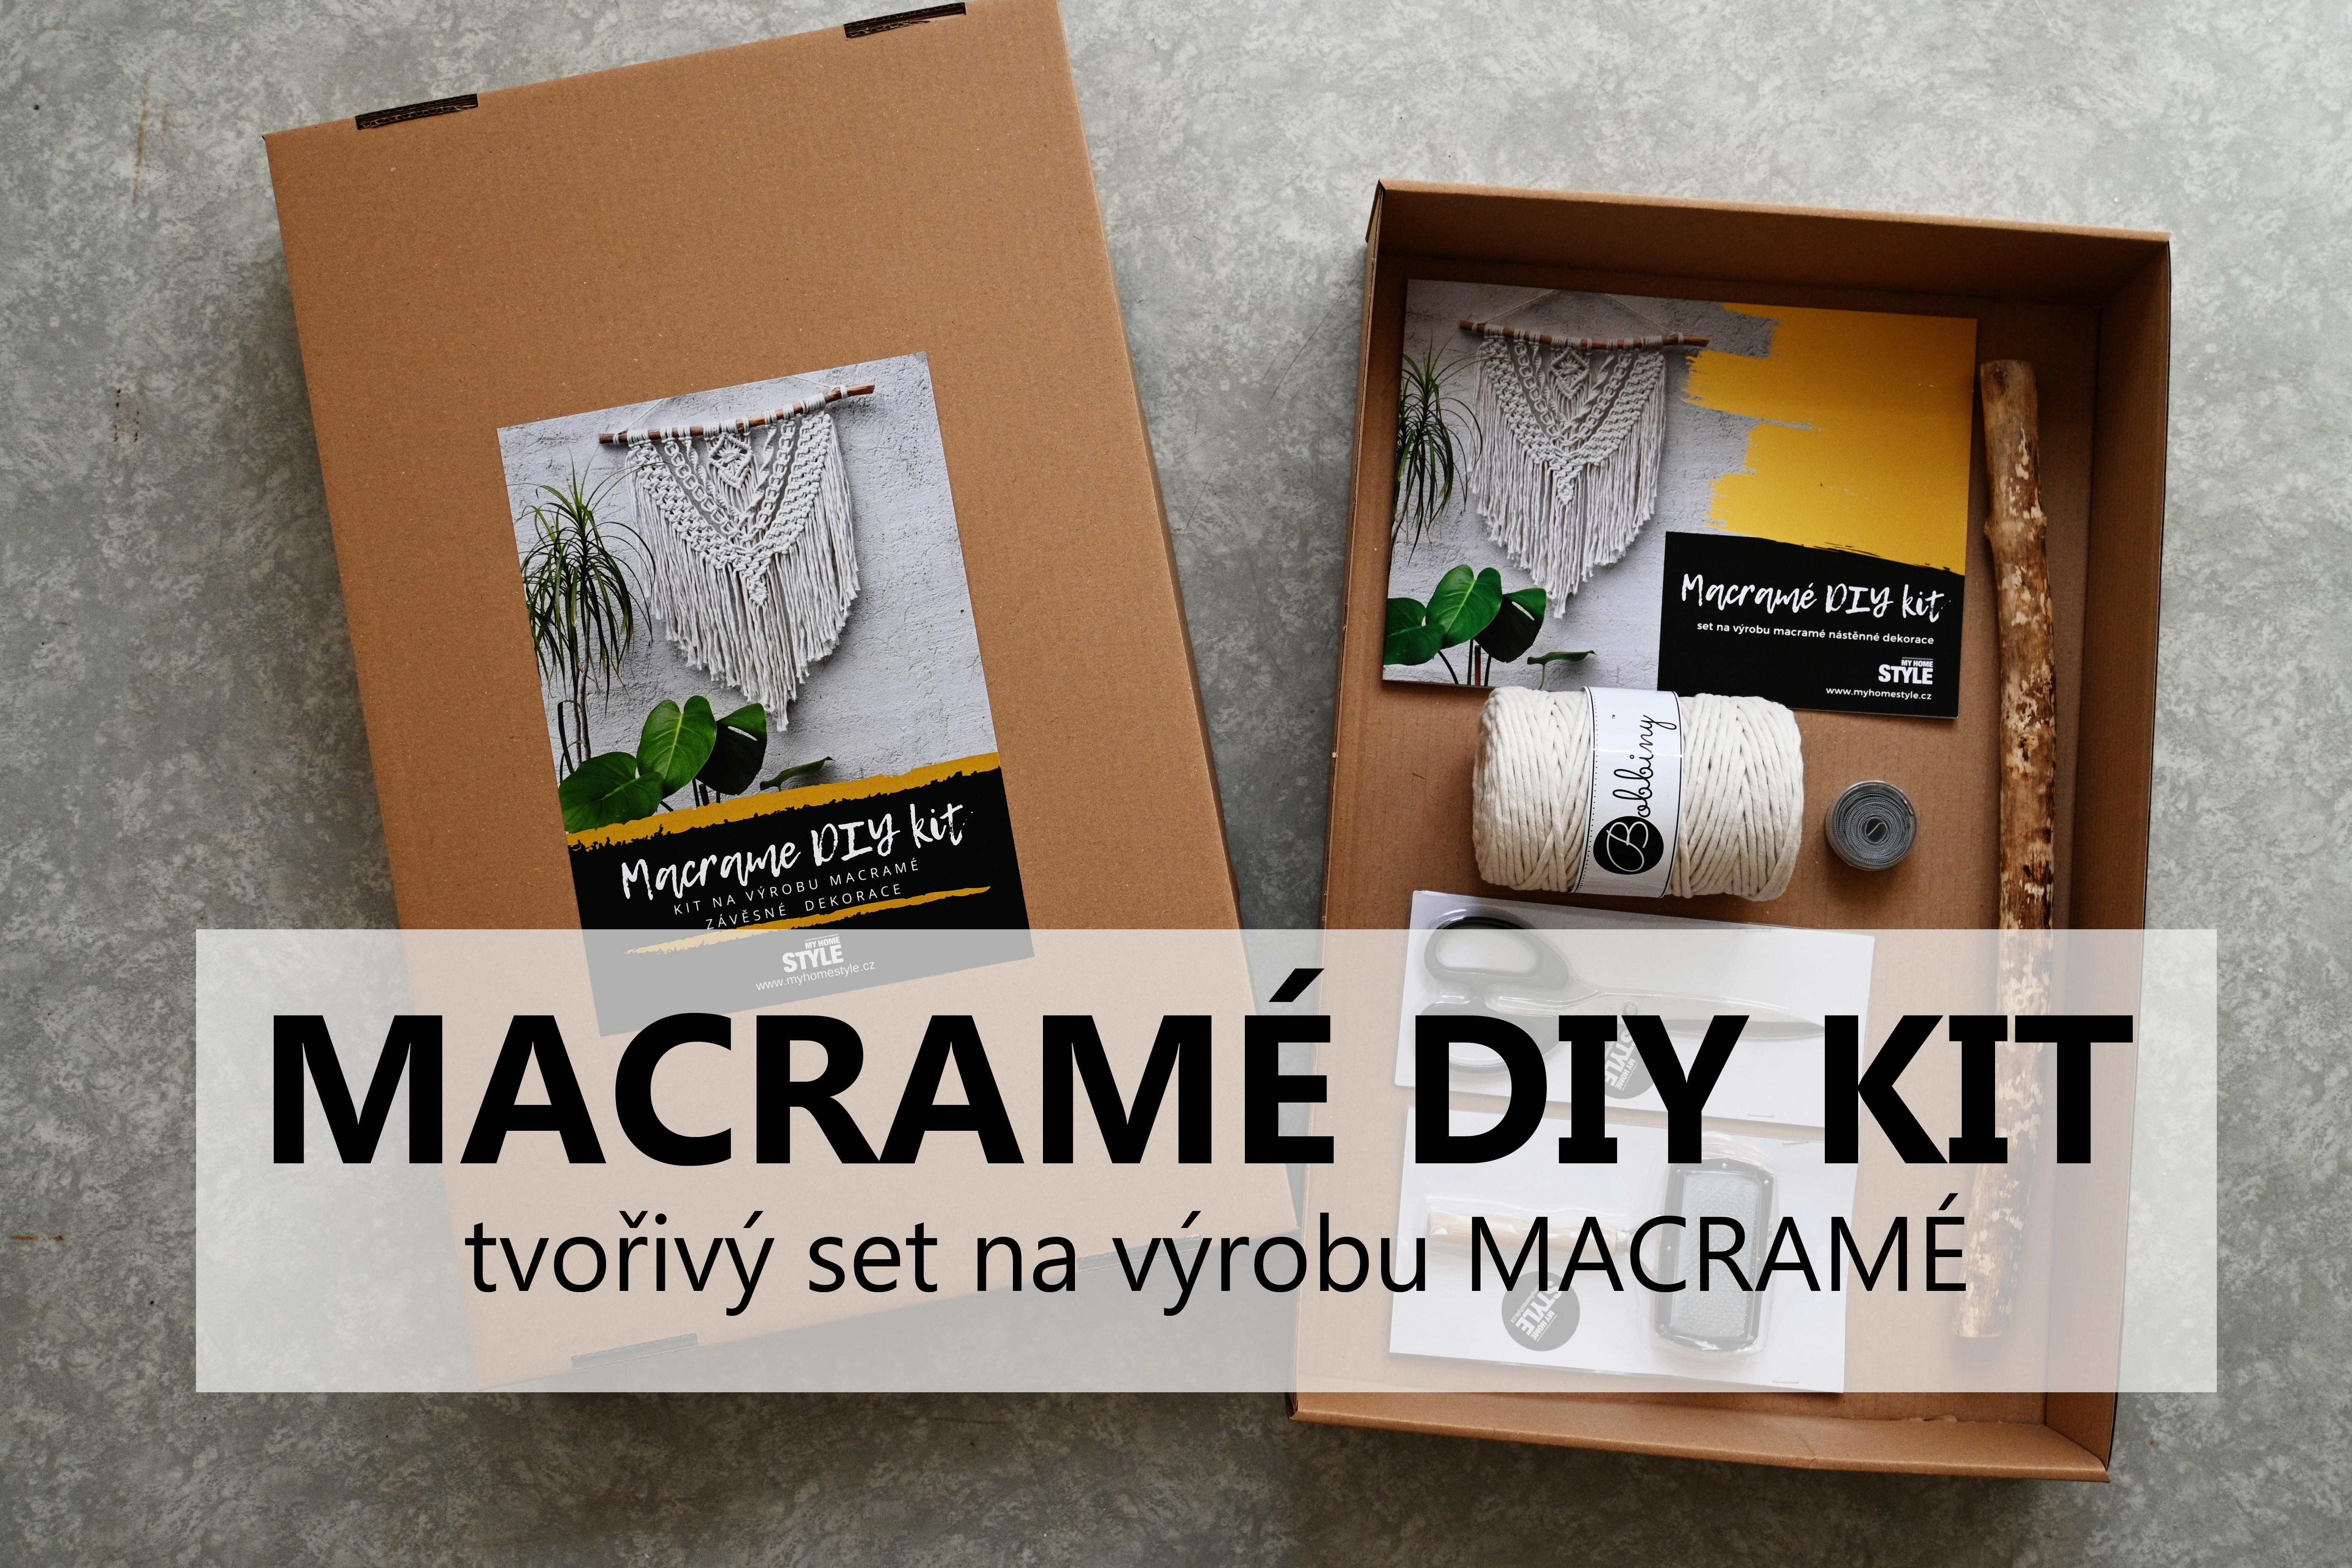 MACRAME DIY KIT tvořivý set